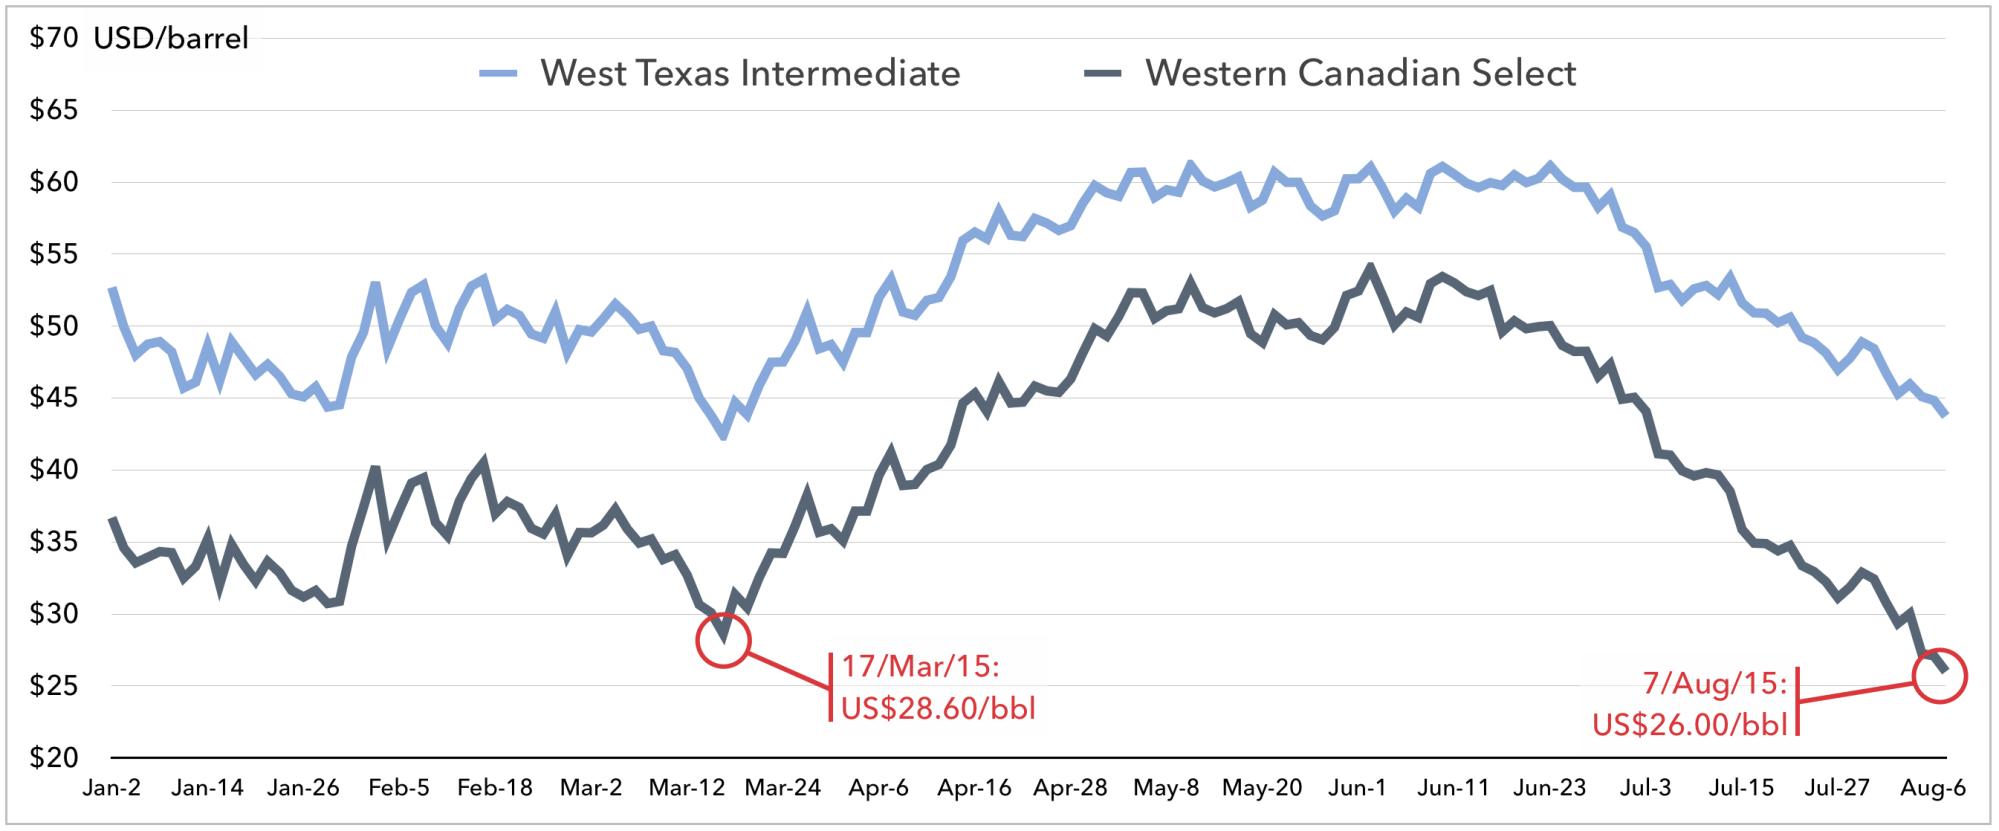 2015 CRUDE OIL PRICES, USD/BARREL